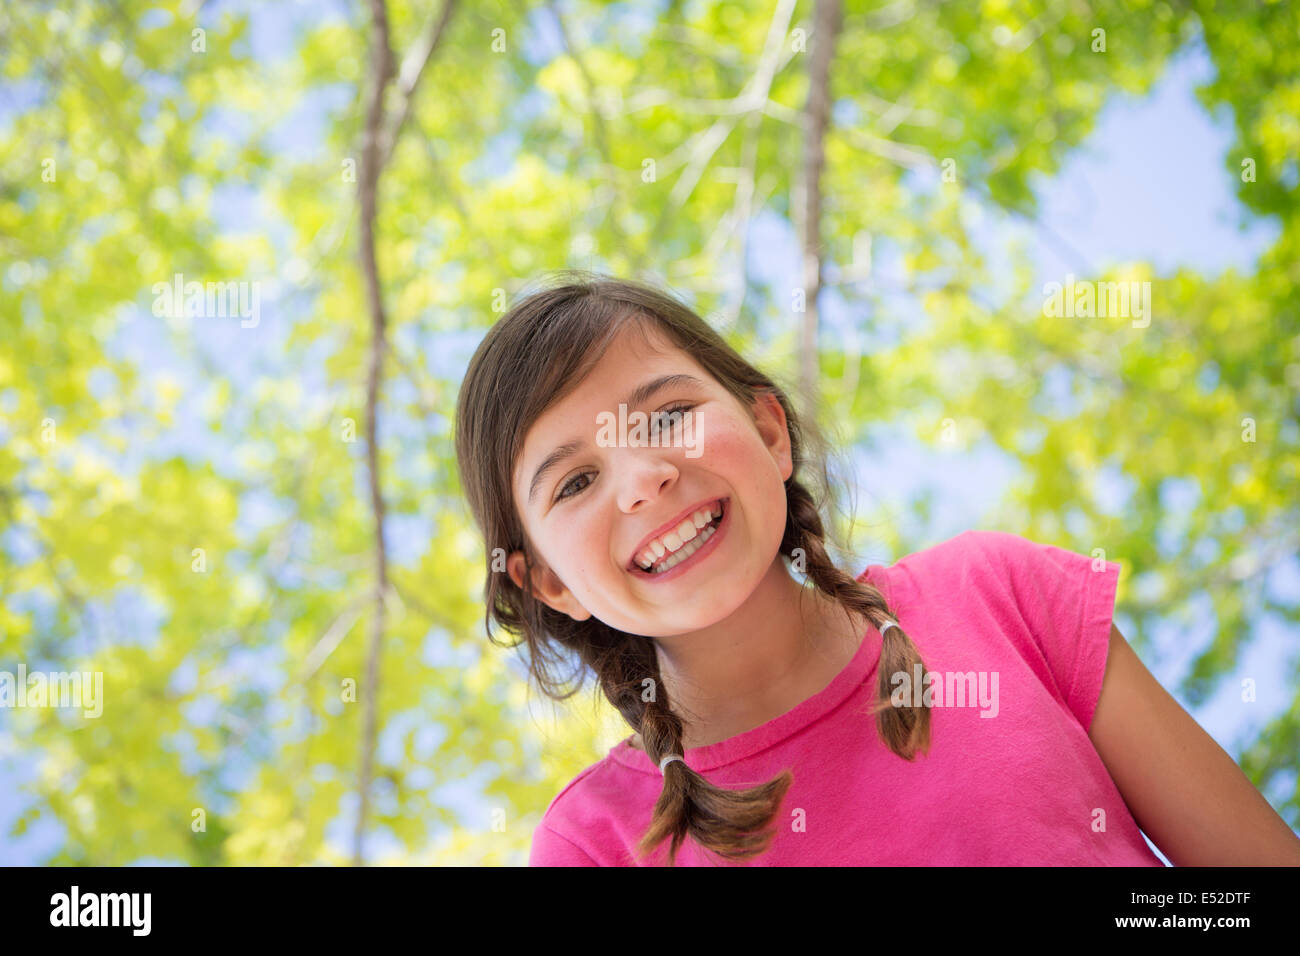 Una joven con trenzas vistiendo un top rosa bajo un dosel de árboles. Imagen De Stock